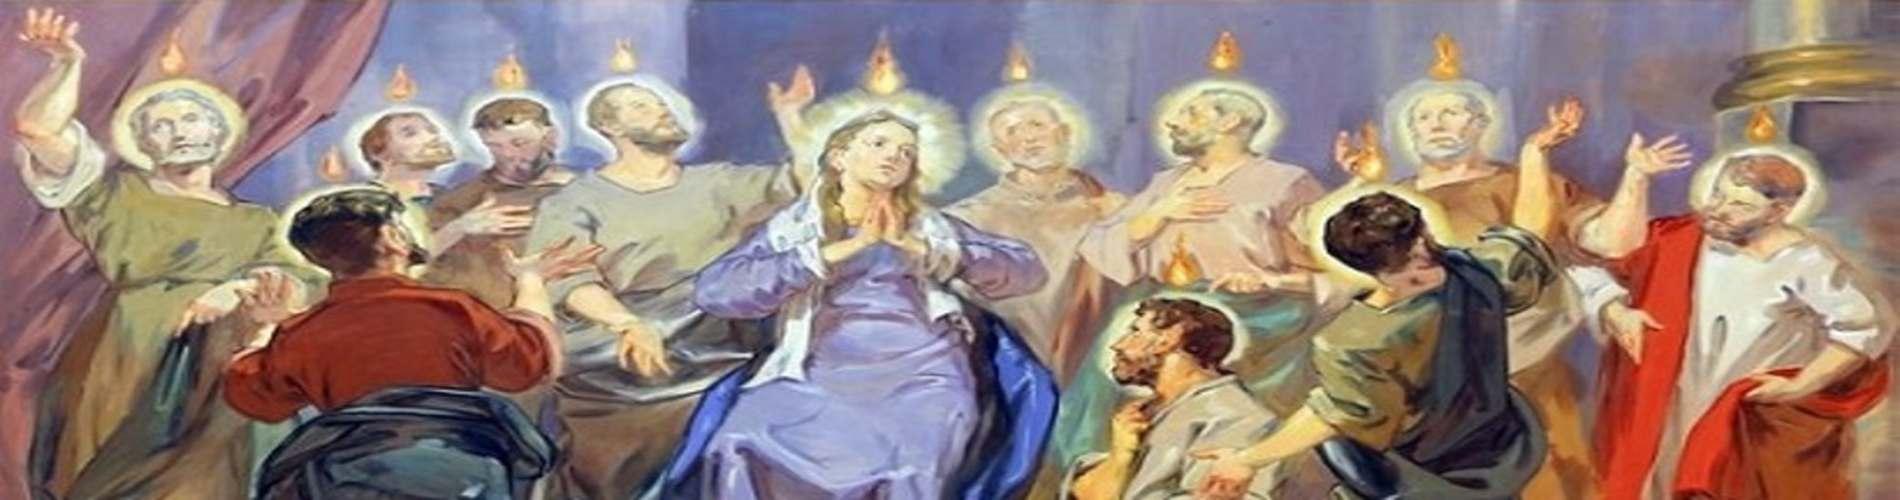 """Zesłanie Ducha Świętego - """"Uzbrojeni Mocą z Wysoka"""""""